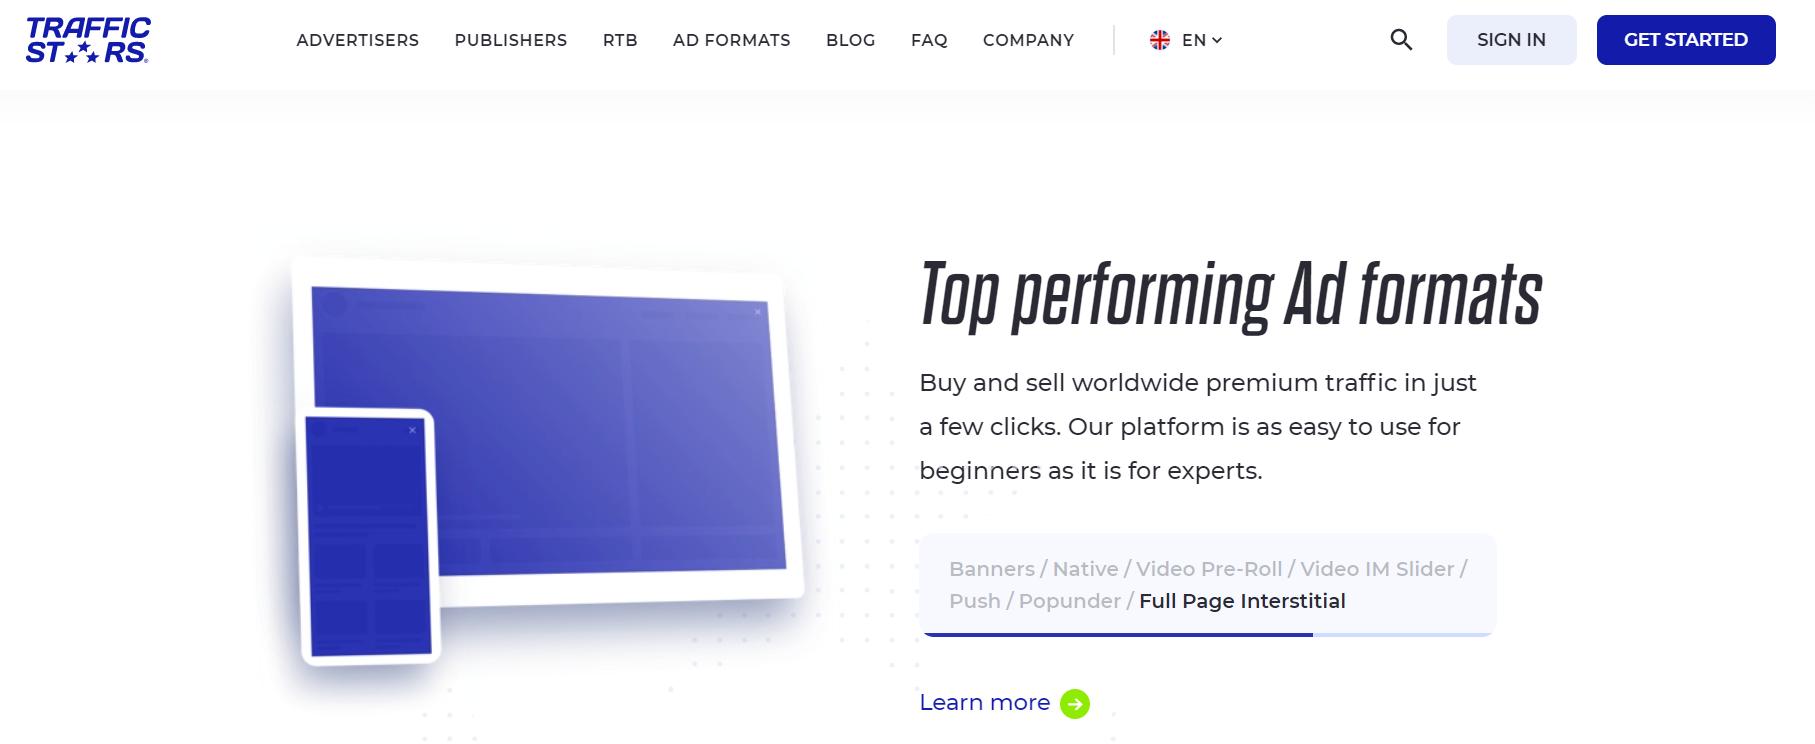 Trafficstars-Ad Formats